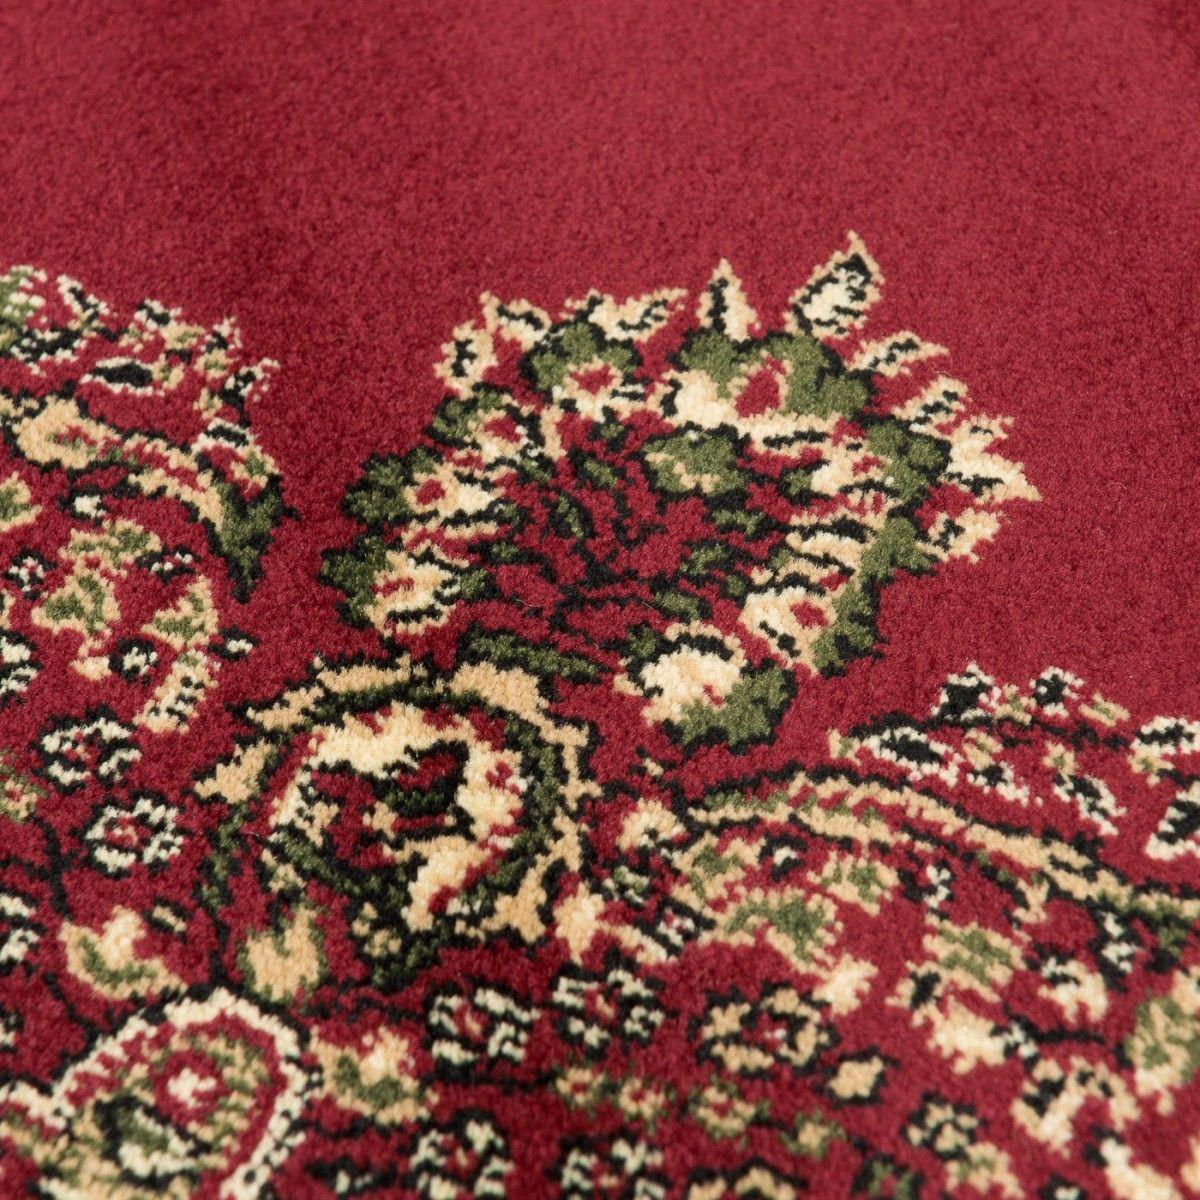 Https Www Havatex De Orient Klassischer Teppich Sevilla Bilder Rot Teppiche A 3817 Klassische Teppiche Teppich Roter Teppich